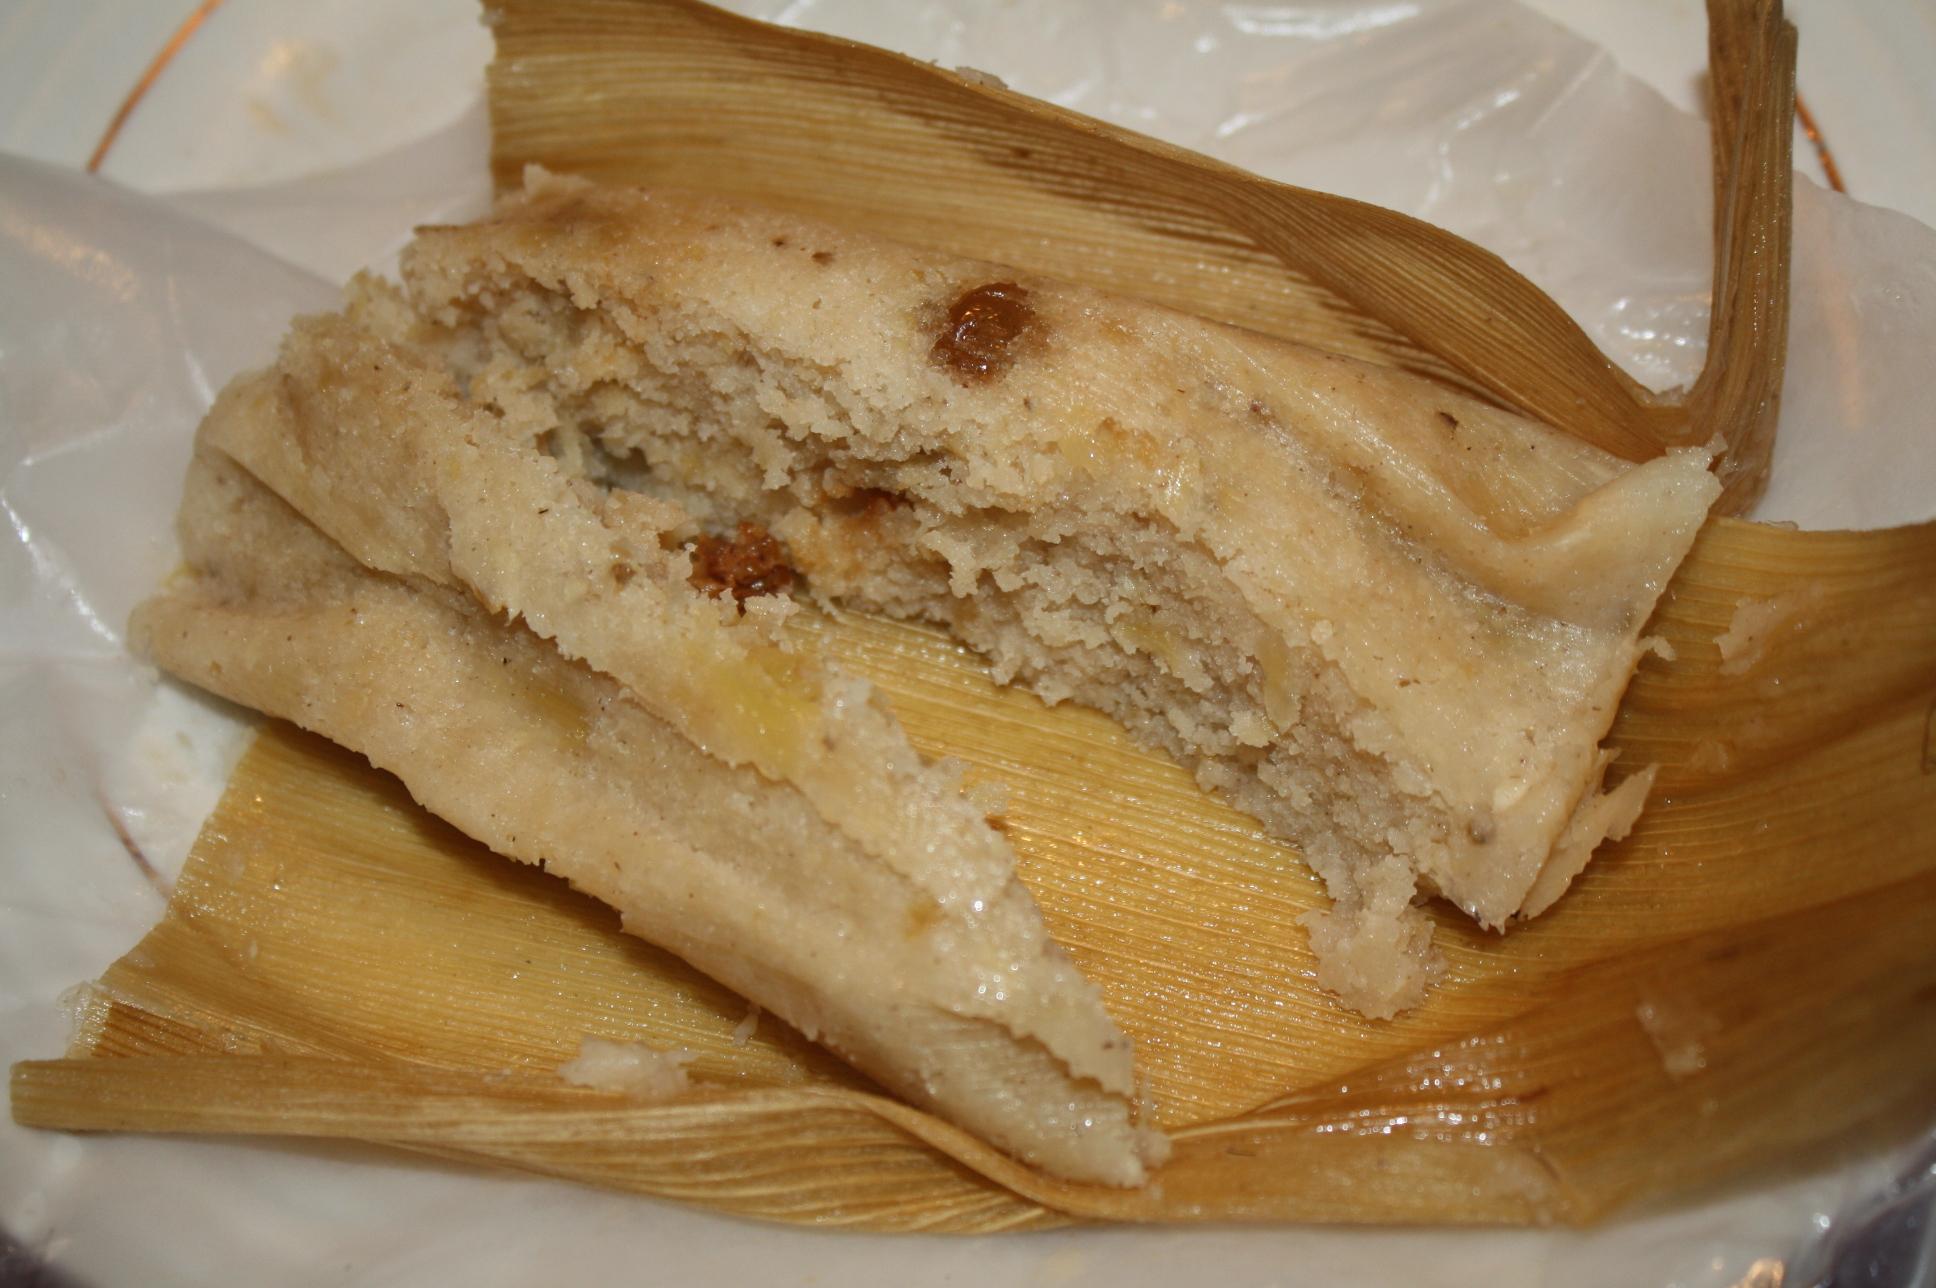 Tamal de dulce con piña y pasas. (Foto de Agustín Durán/El Pasajero).